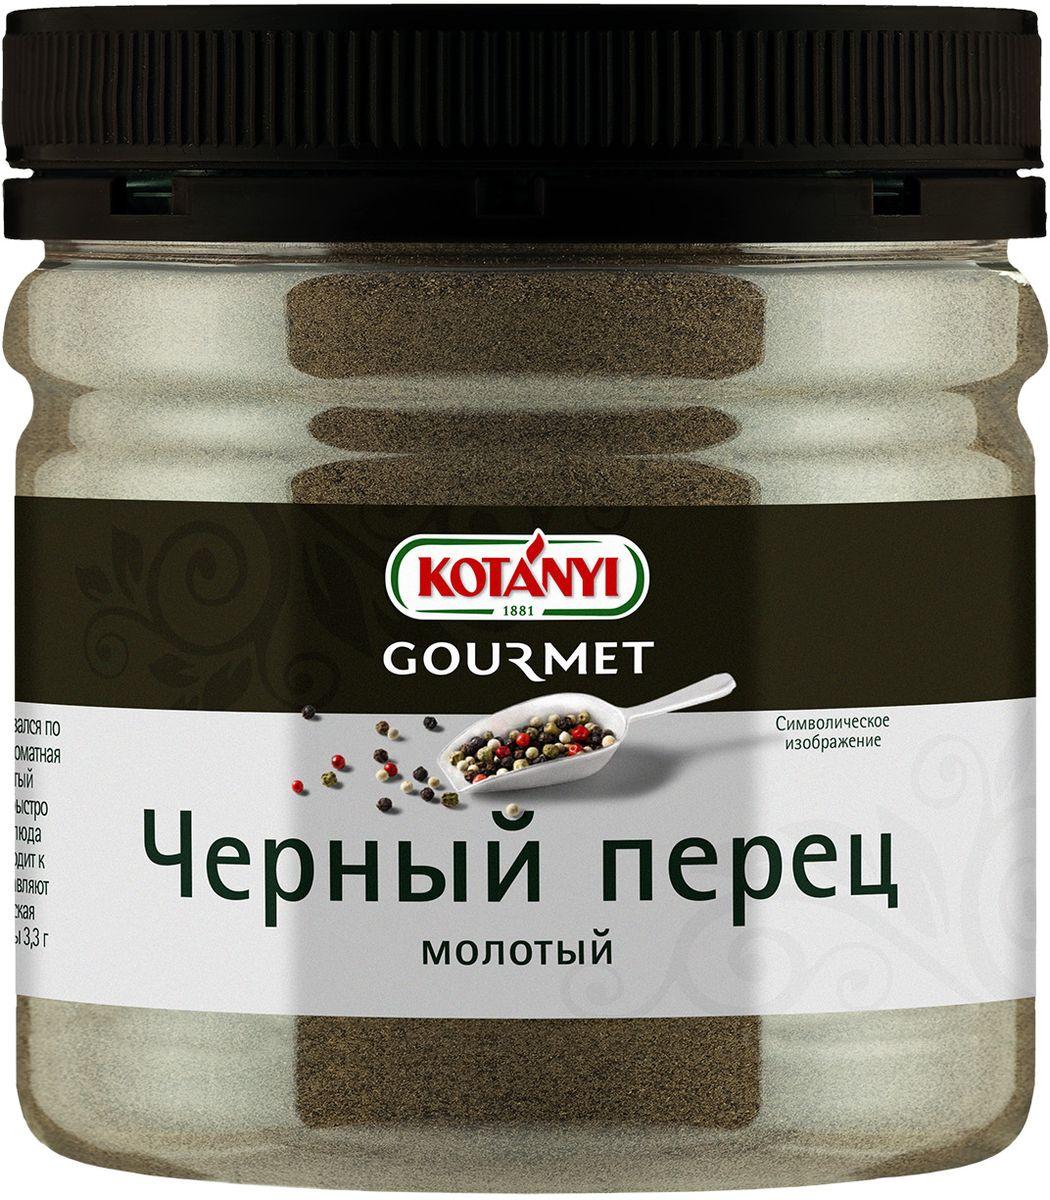 Kotanyi Черный перец молотый, 180 г